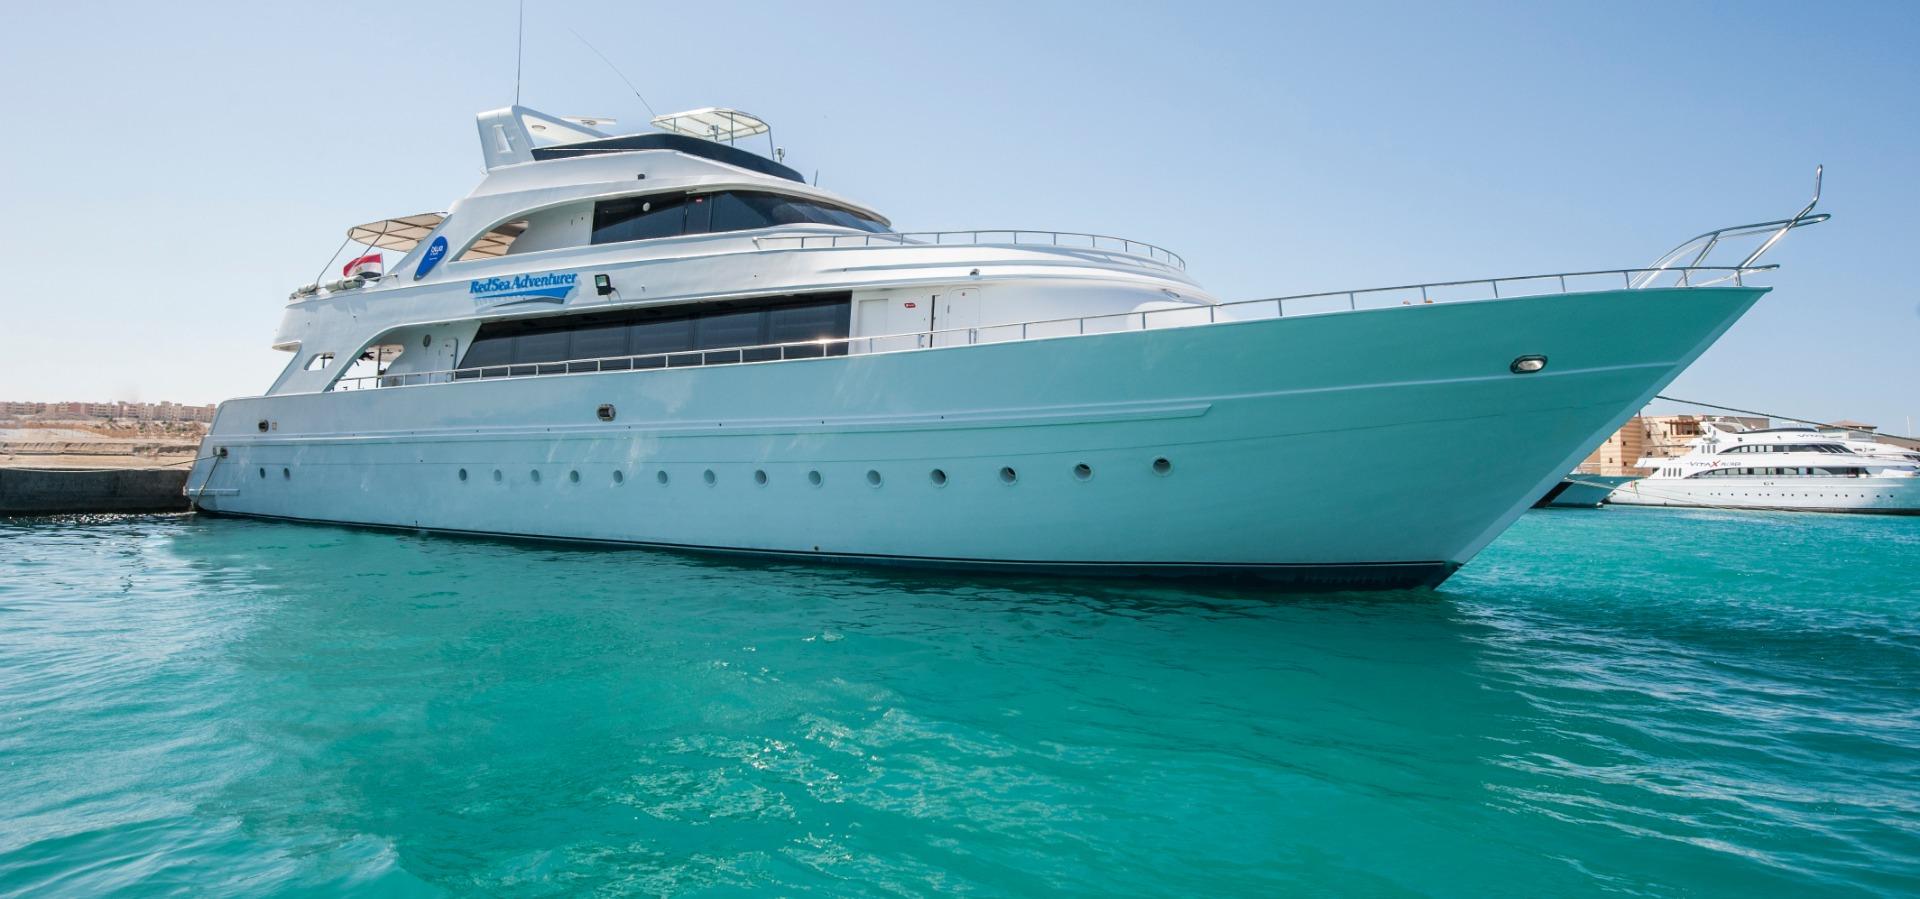 M/Y Red Sea Adventurer liveaboard diving vessel docked in Egypt harbour